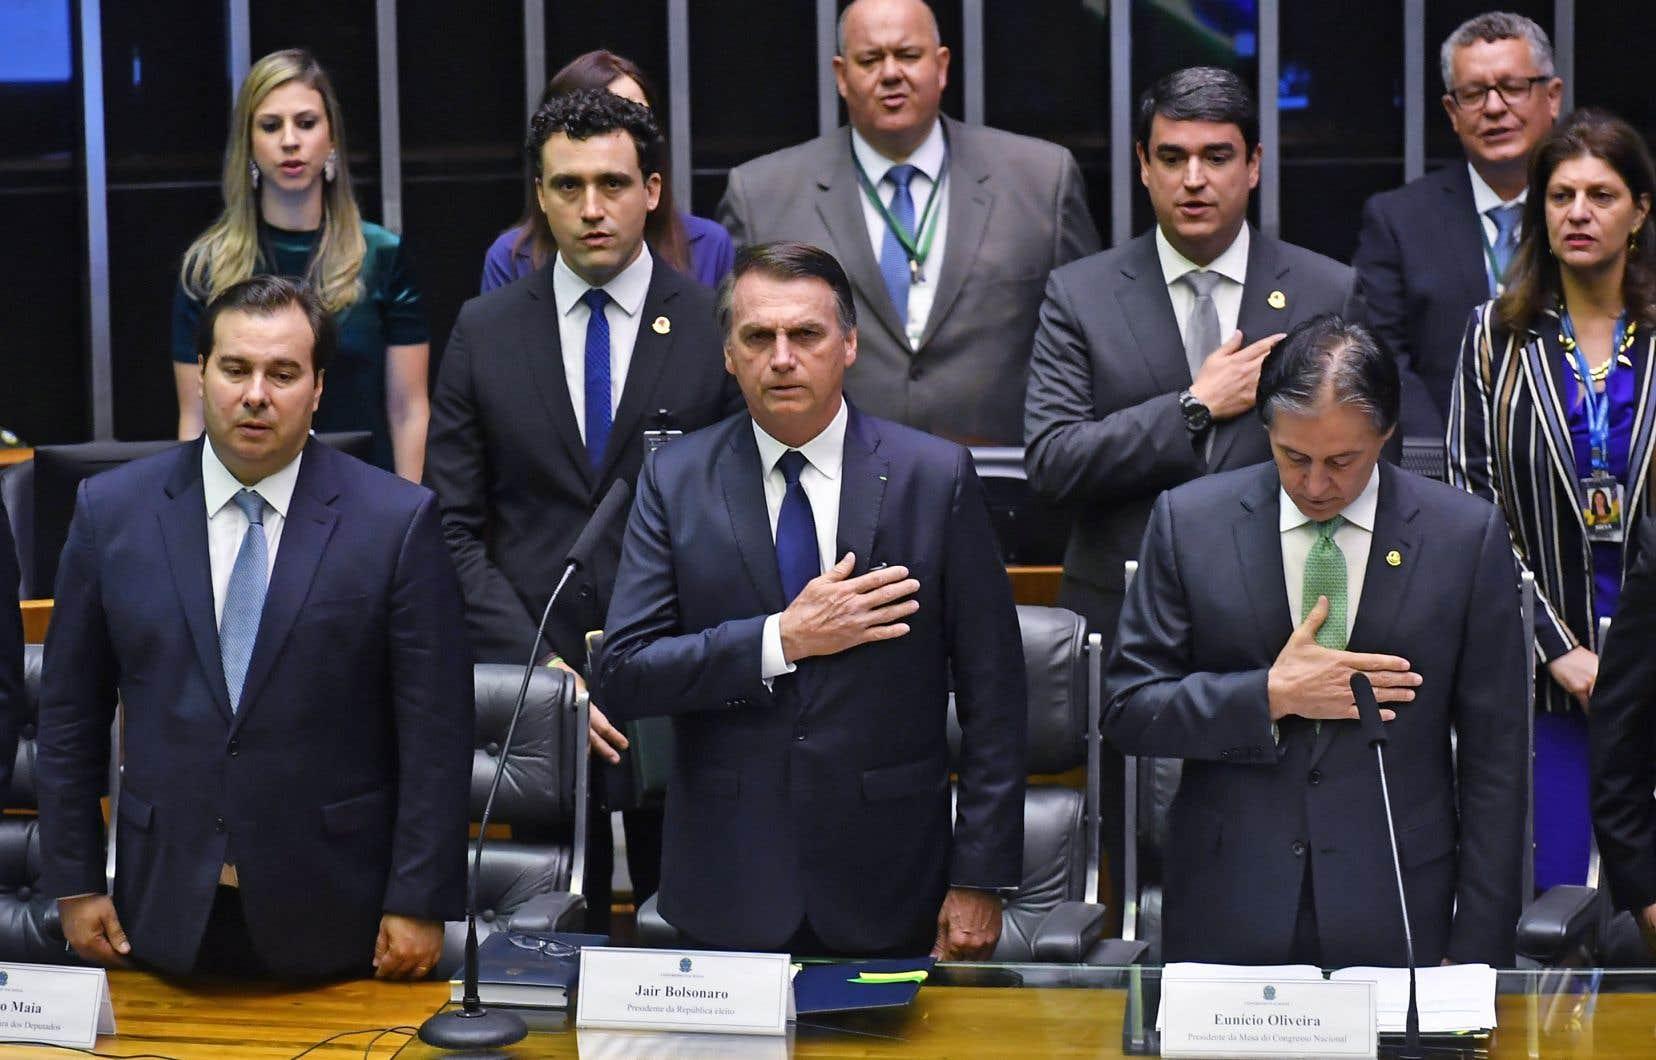 Jair Bolsonaro (à l'avant), au Congrès, avant de prendre la tête du Brésil. Le nouveau président veut radicalement rompre avec l'ordre établi.